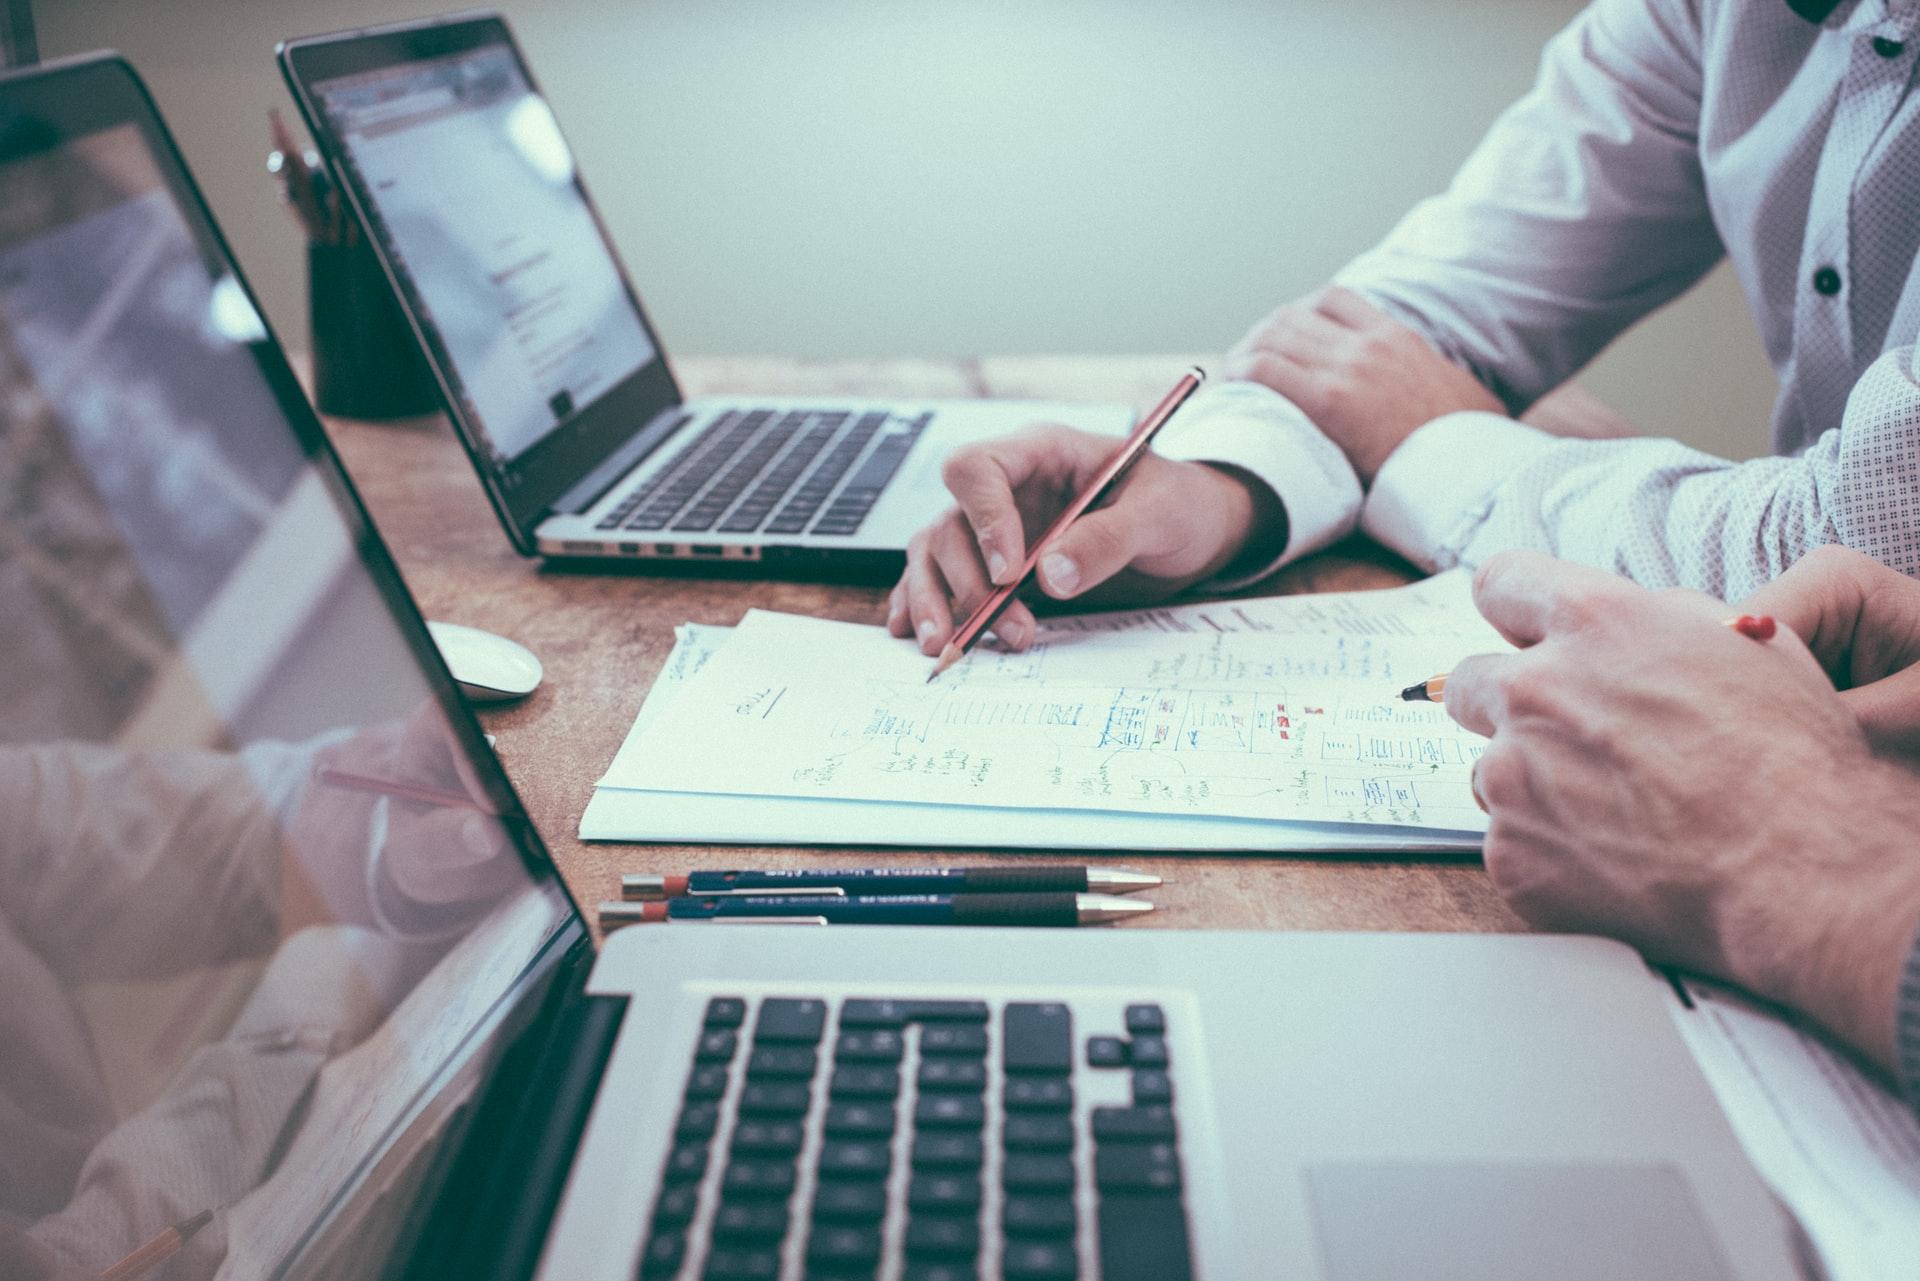 Membuat Excel Reader Menggunakan Python - pesonainformatika.com